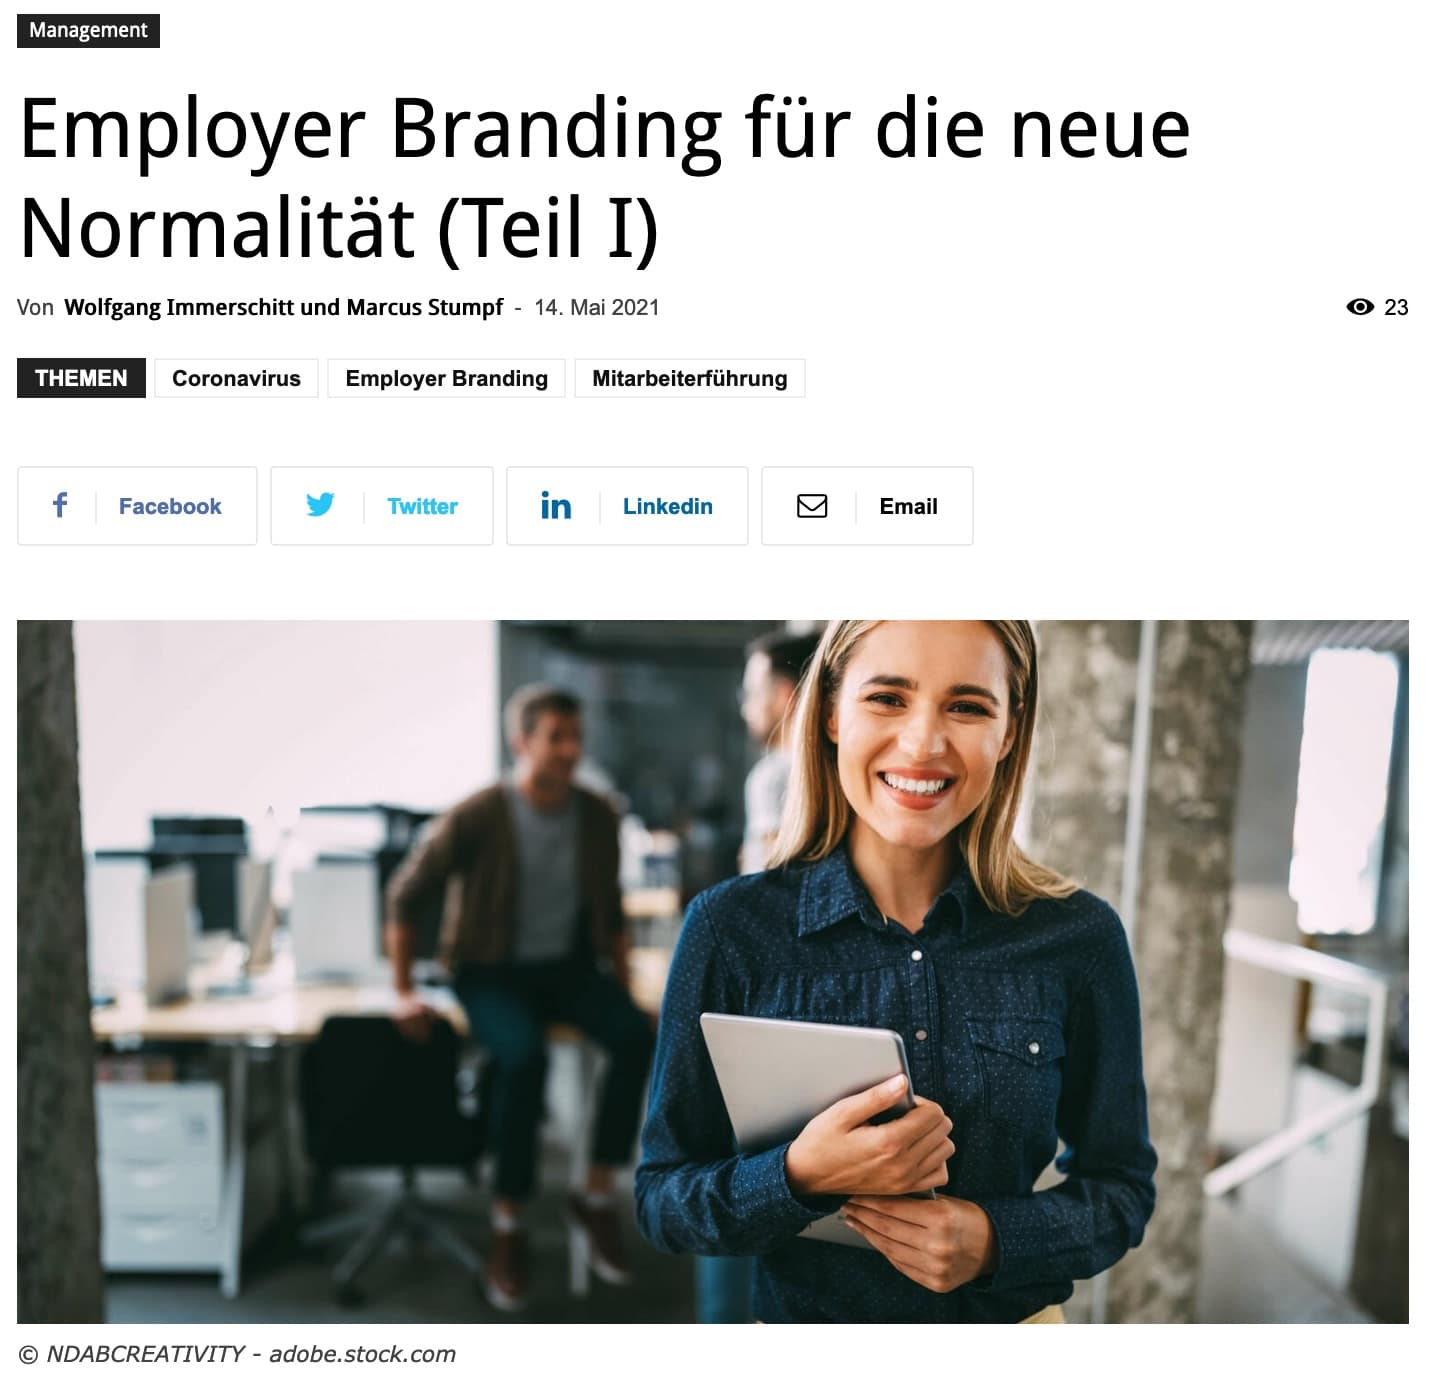 Employer Branding für die neue Normalität (Teil 1)